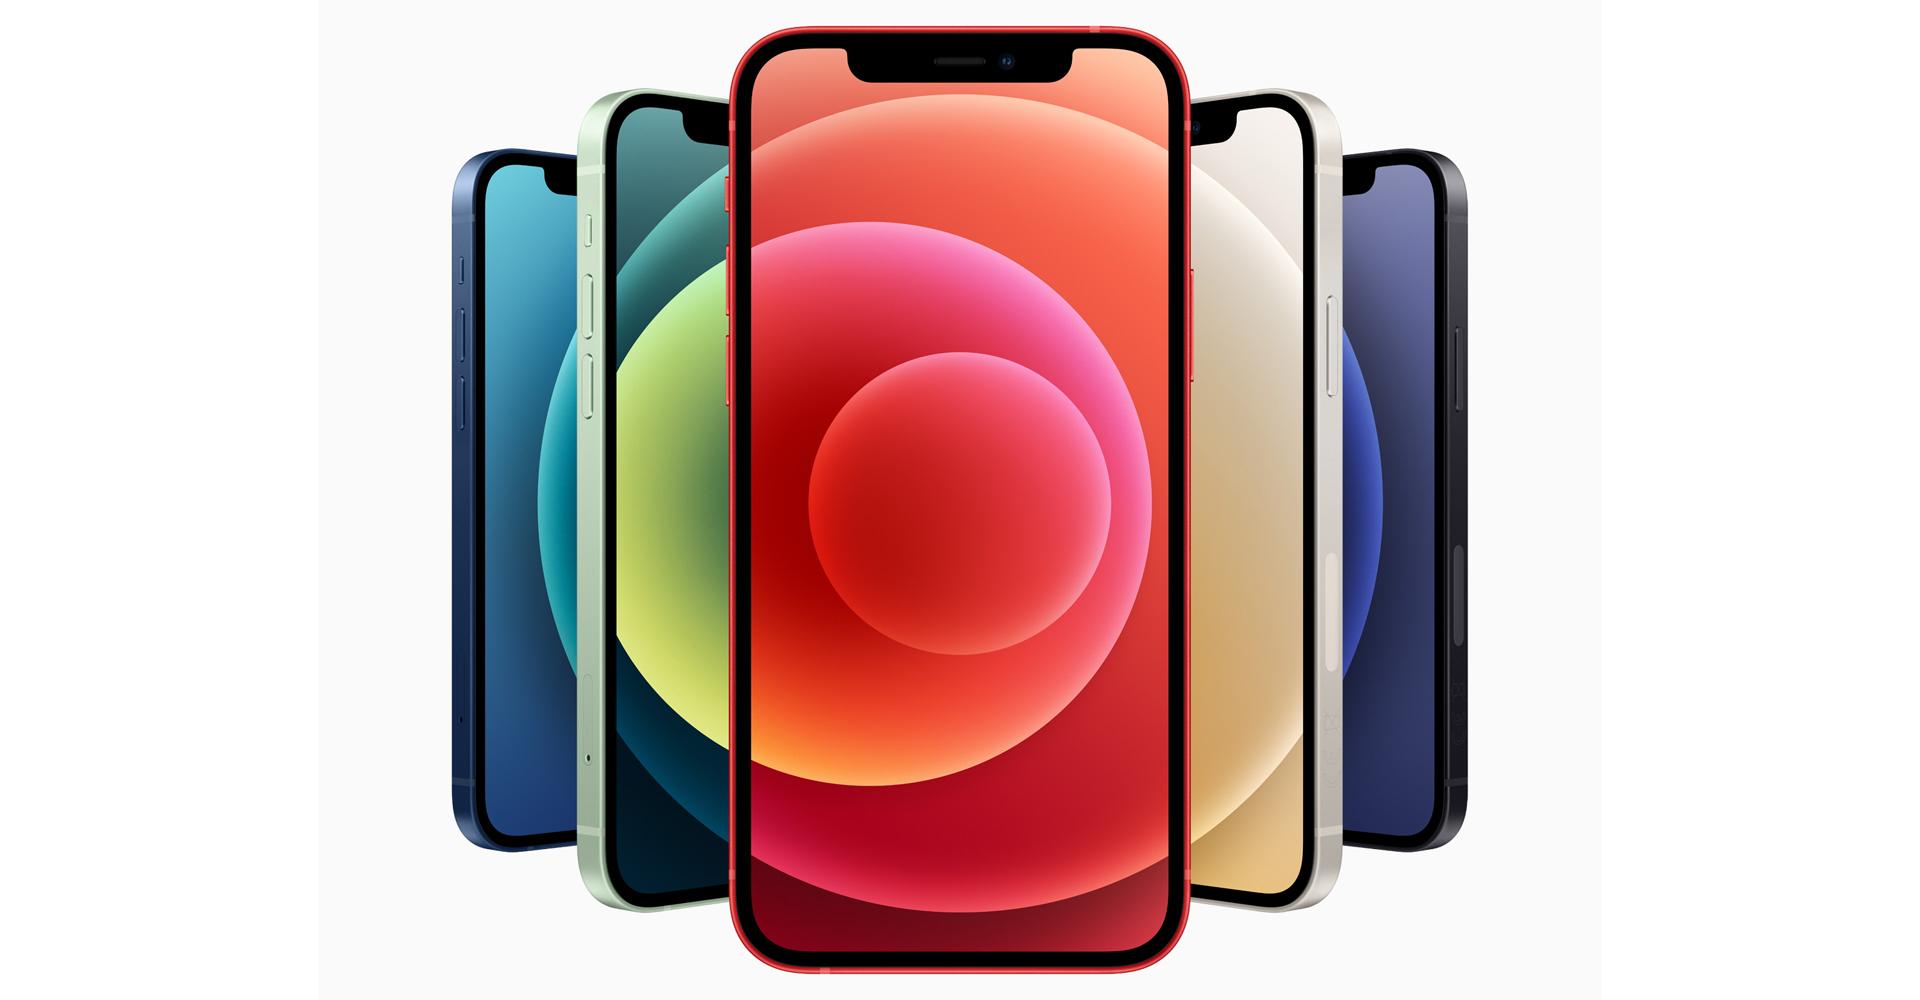 Fünf Einheiten des iPhone 12 von vorne